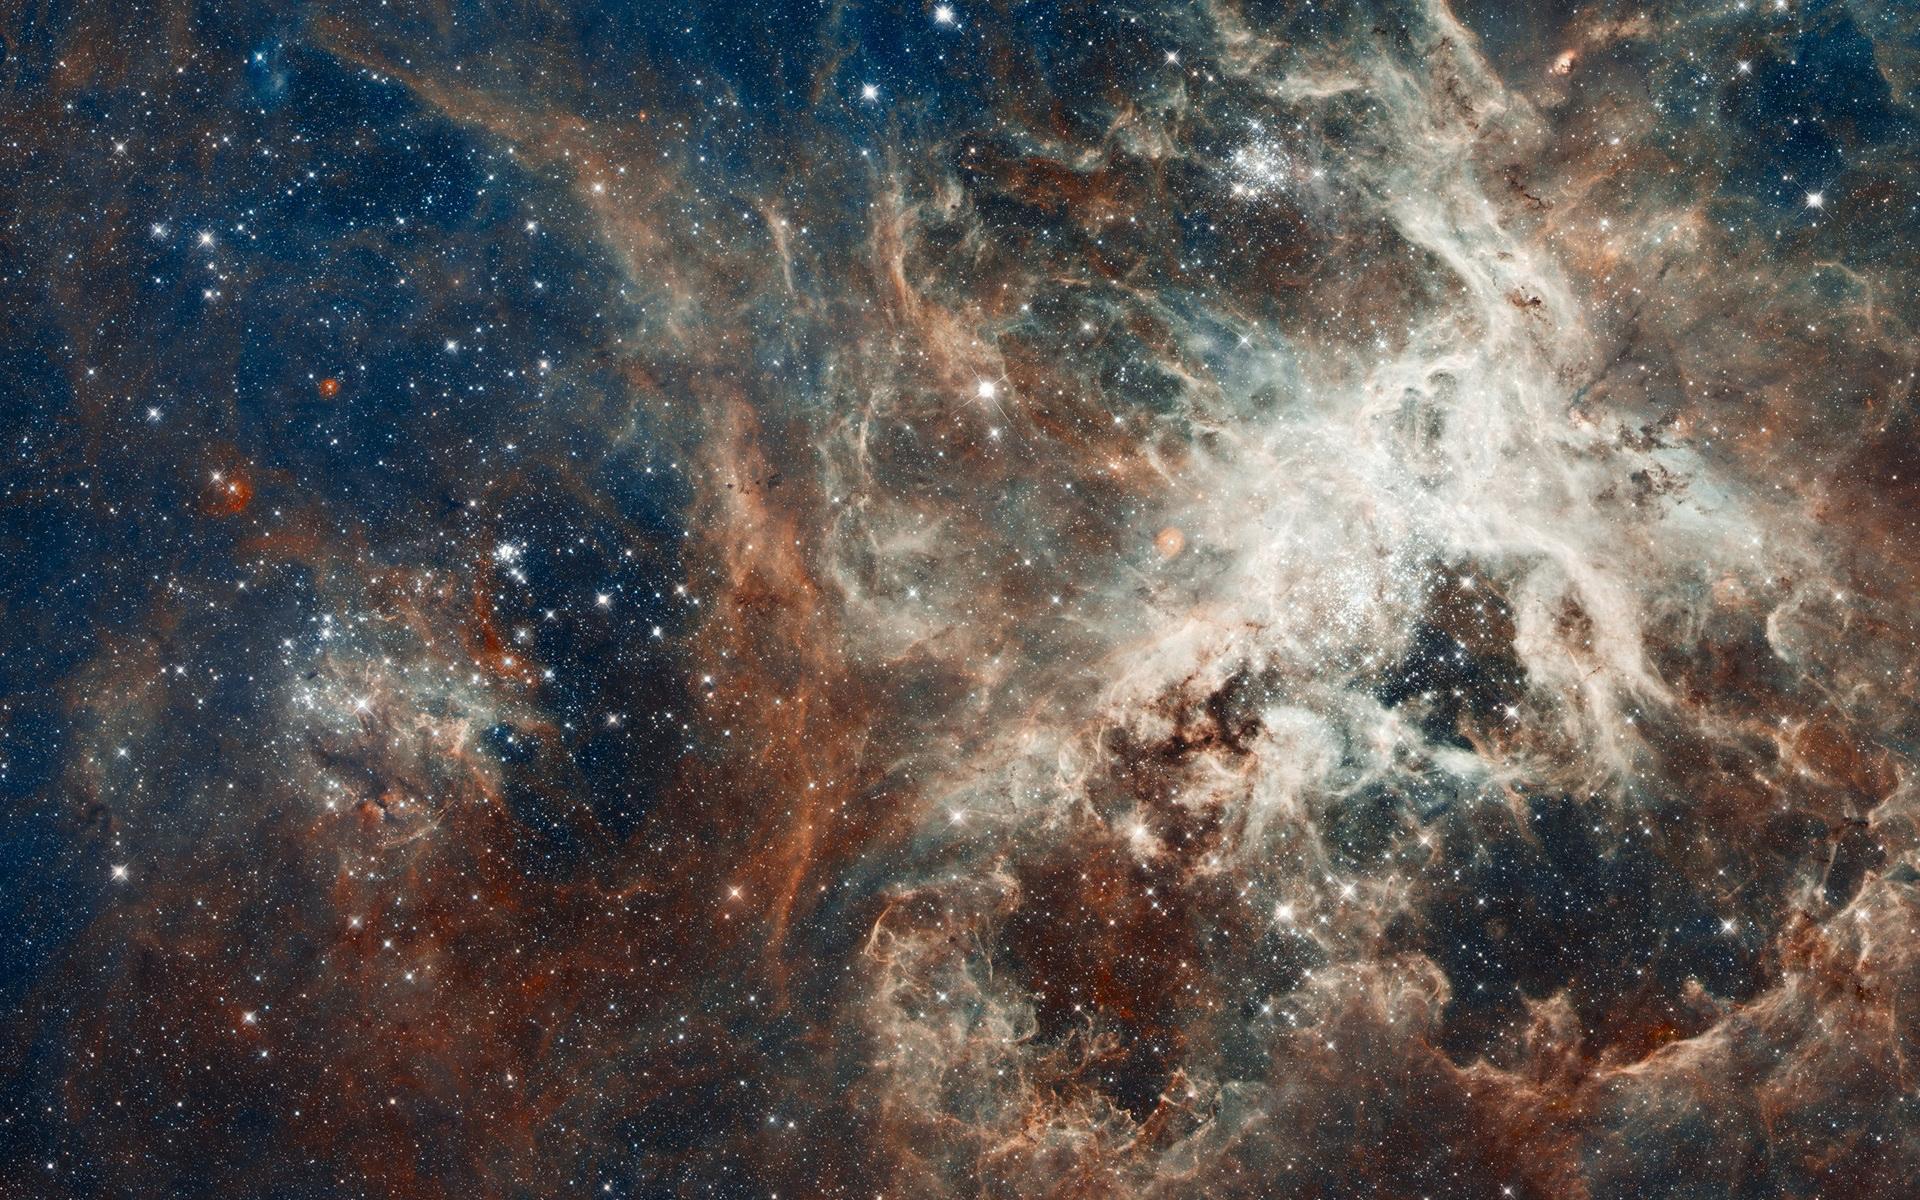 Stars ngc 2070